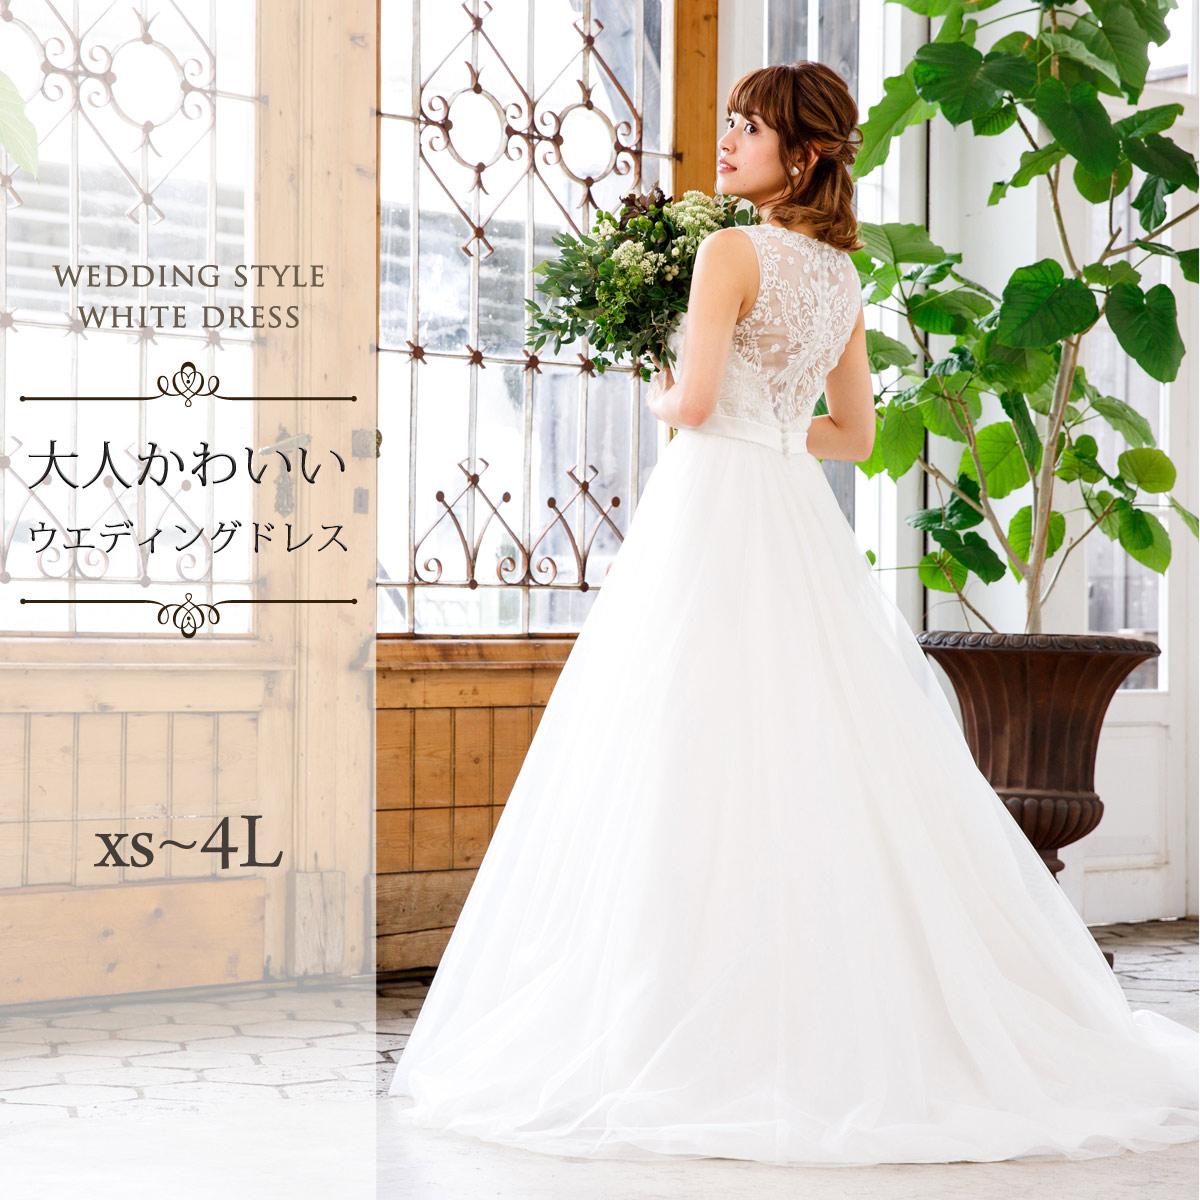 ウエディングドレス 刺繍 ホワイト チュール レース ロングドレス 花嫁 演奏会 結婚式 パーティ 演奏会 トレーン 大きいサイズ インポート 海外 FD-160085